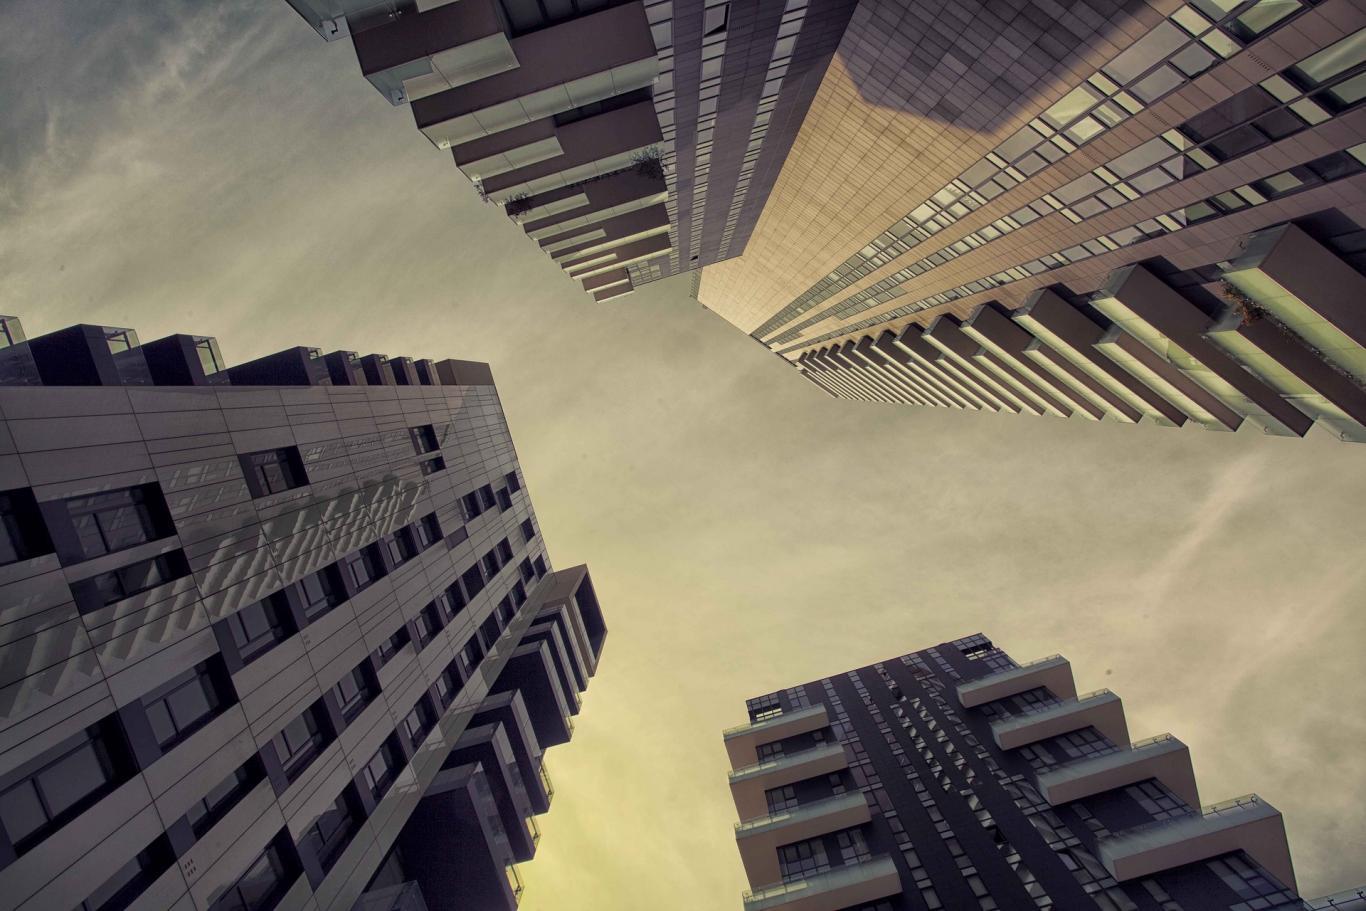 Perspectiva de cuatro edificios